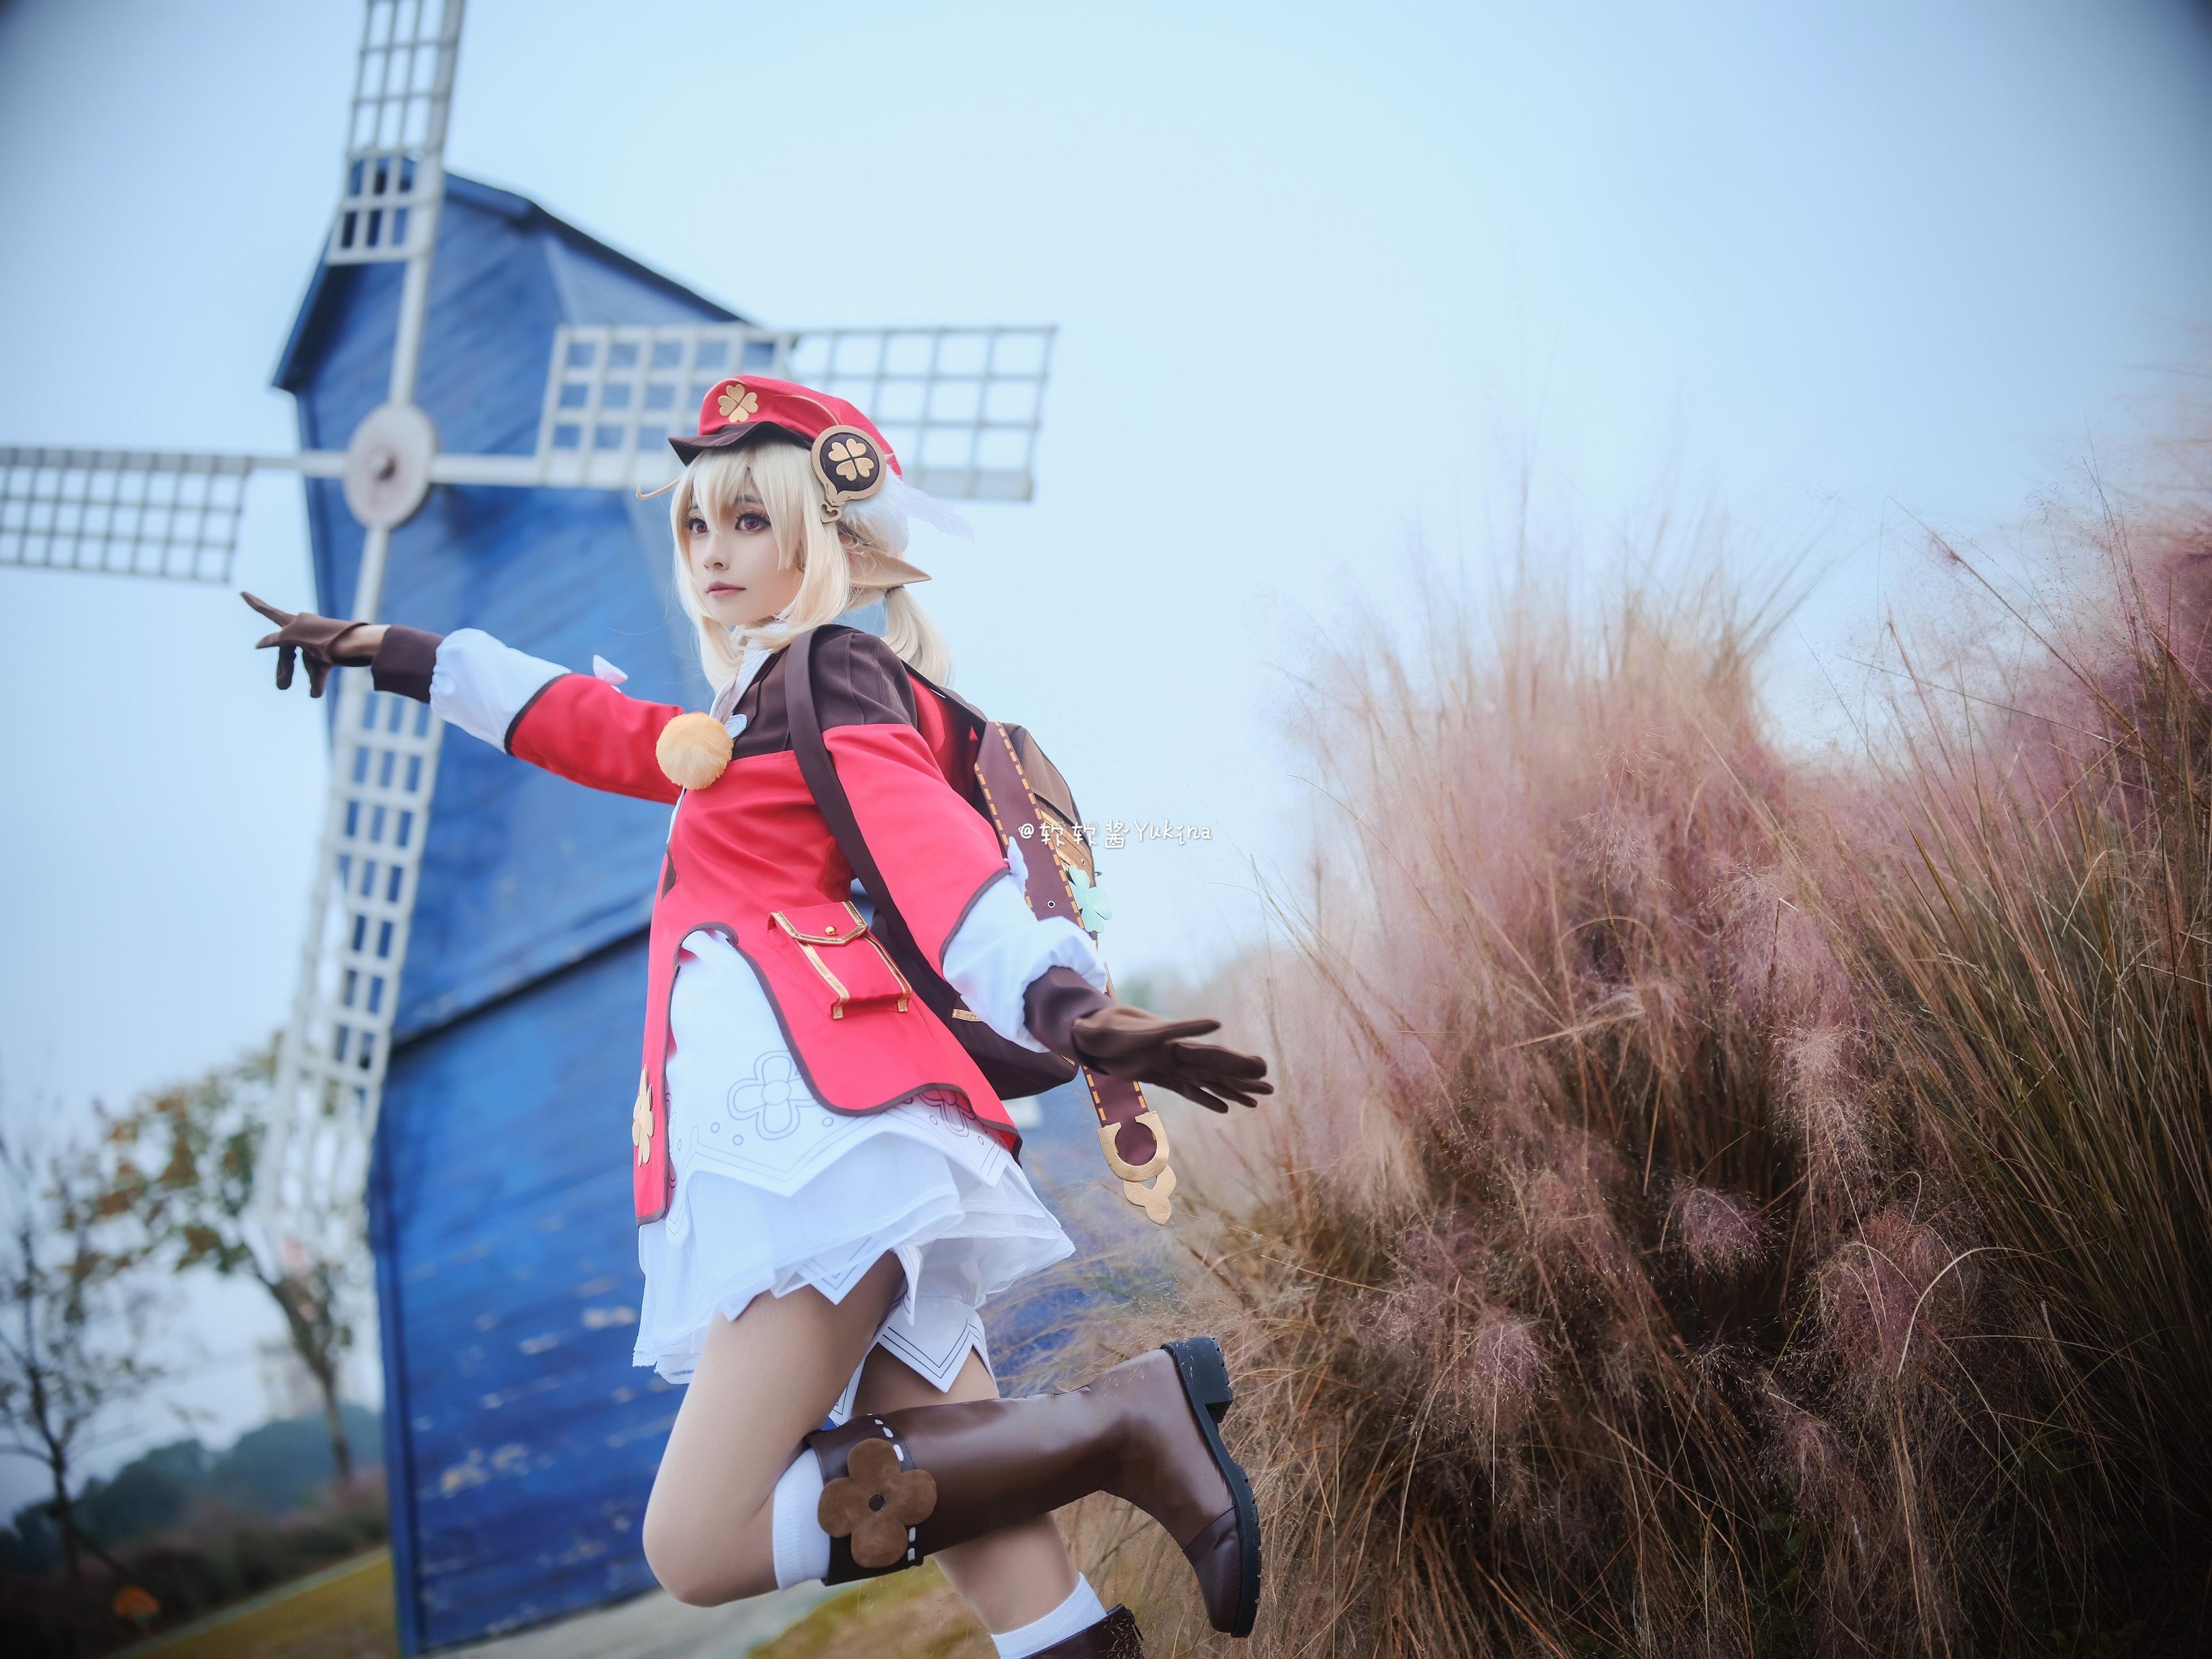 《原神》游戏cosplay【CN:软软酱Yukina】-第3张